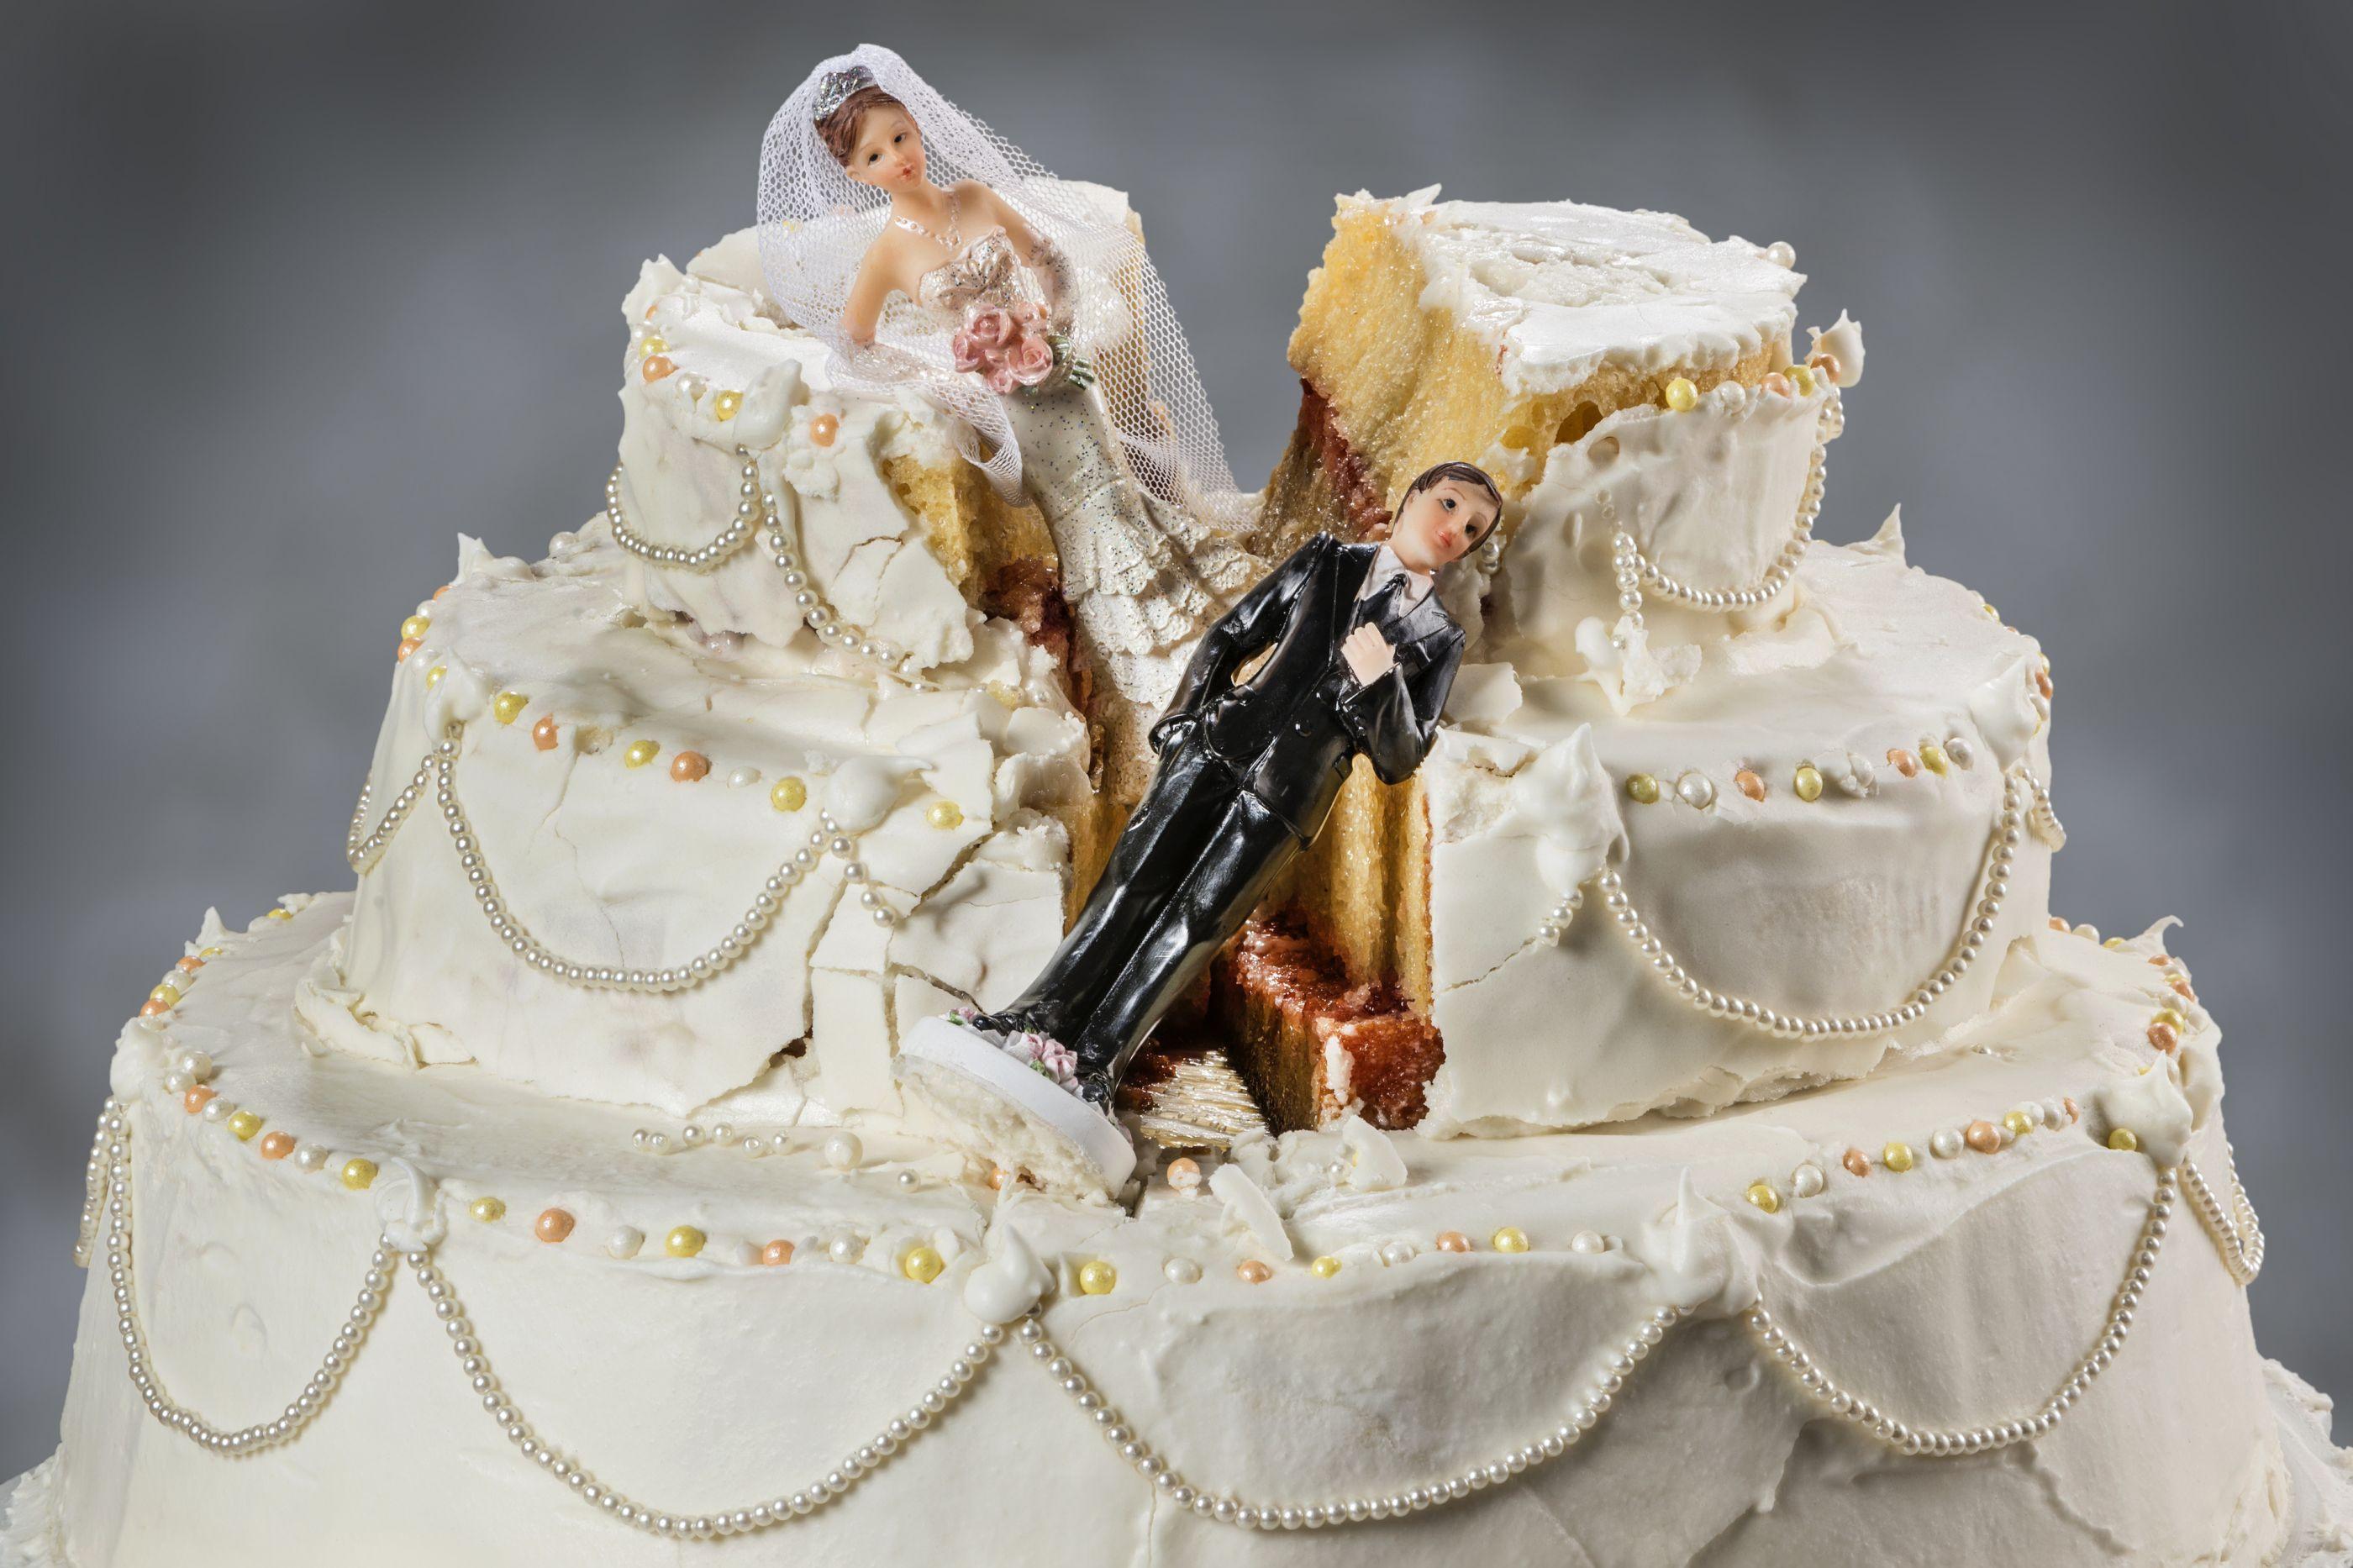 Ponto final. Esta é a idade mais comum para o divórcio